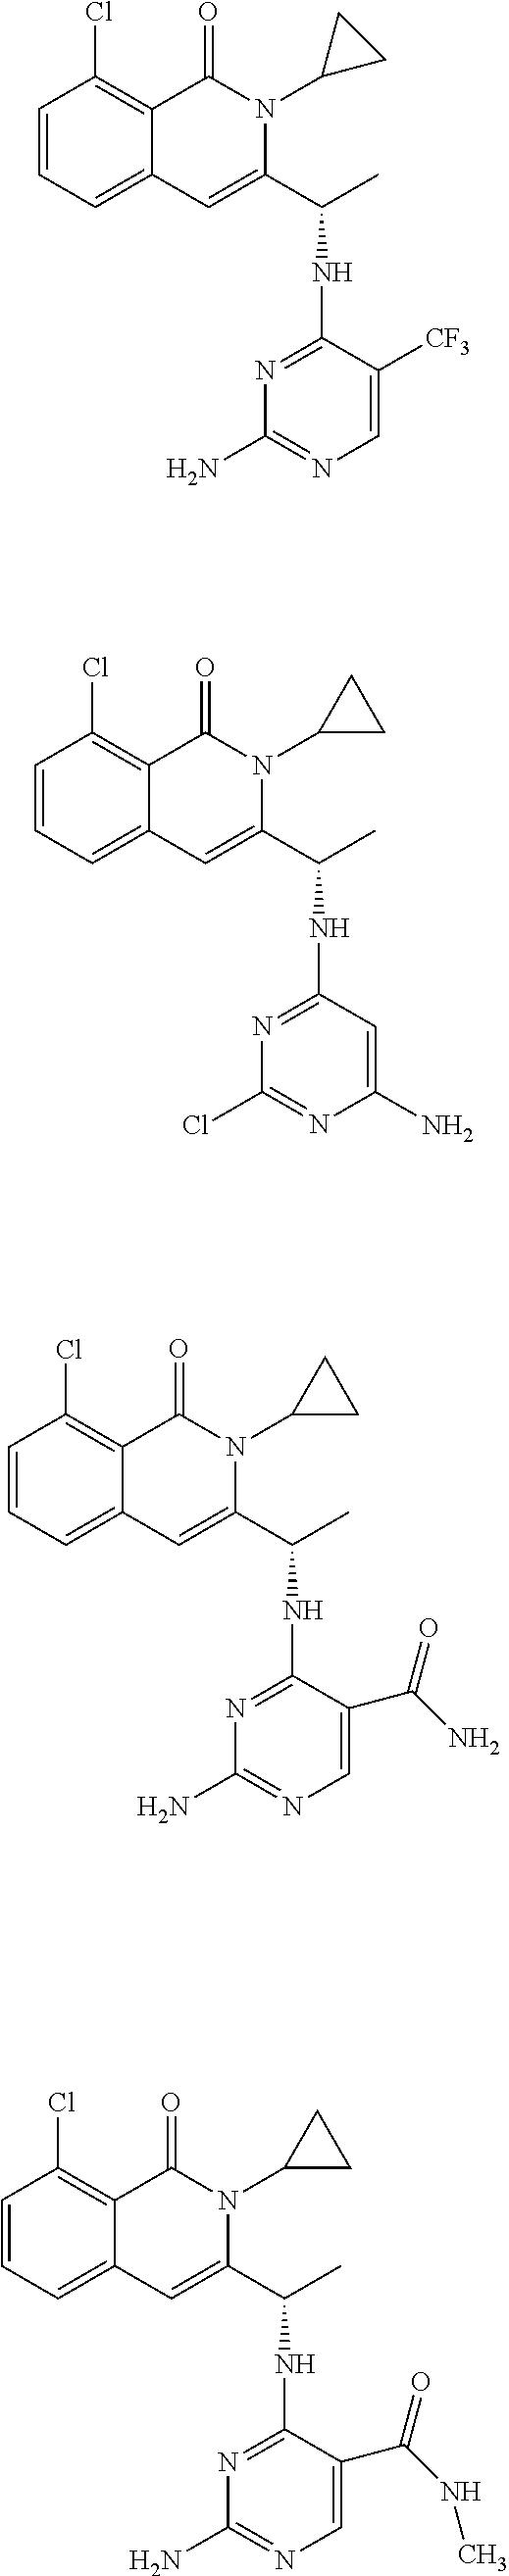 Figure US09216982-20151222-C00295